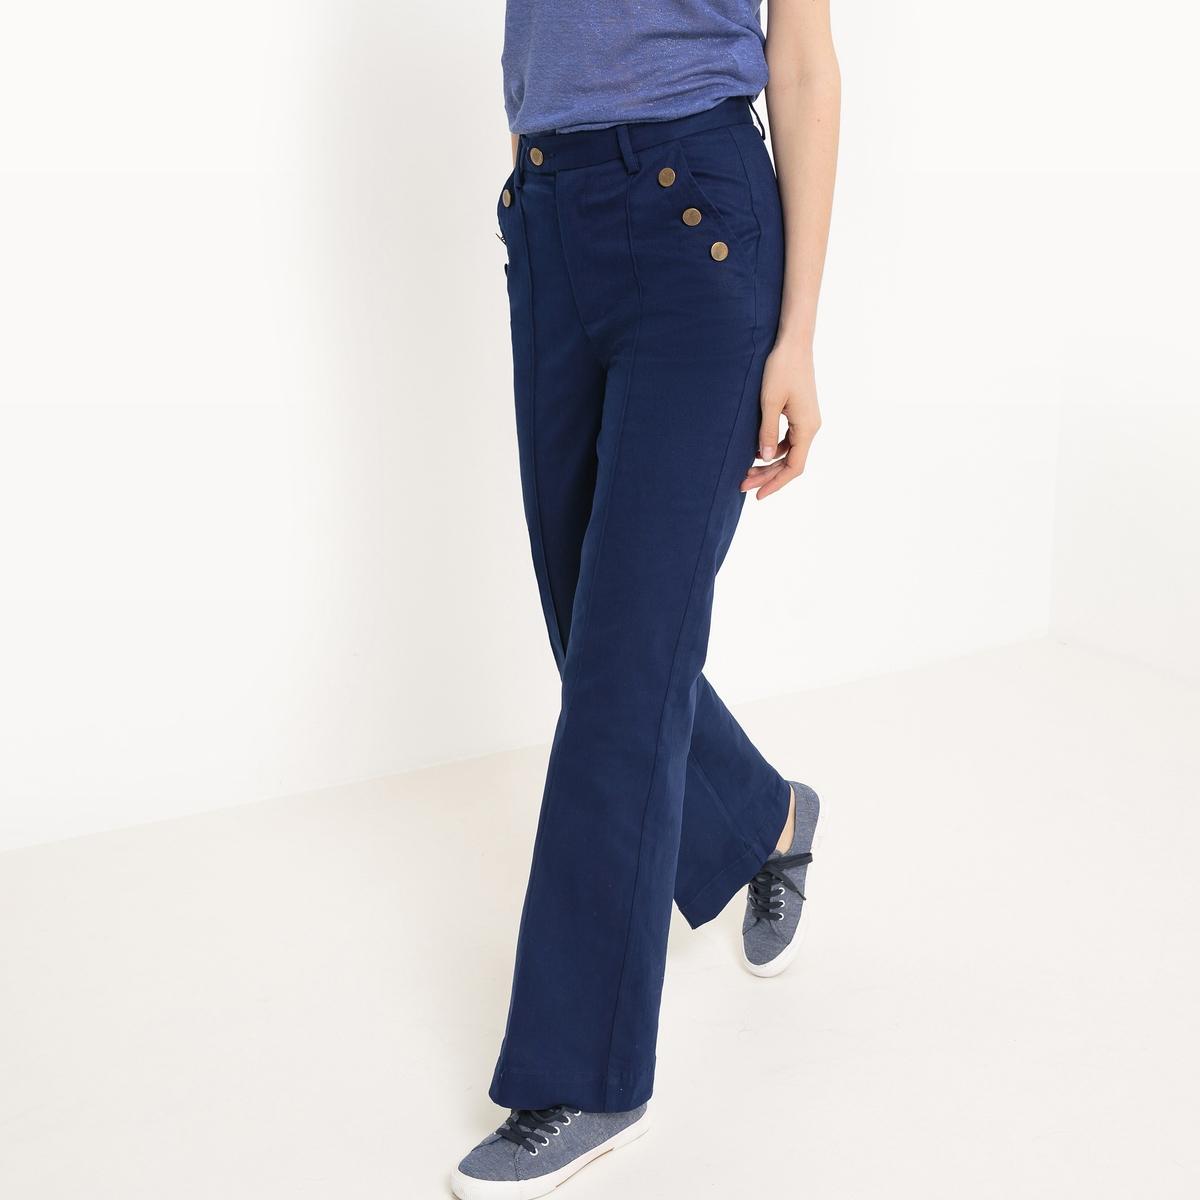 Брюки базового гардероба, свободного, широкого покроя, однотонныеМатериал : 98% хлопка, 2% эластана Рисунок : однотонная модель  Высота пояса : стандартная Покрой брюк : свободный, широкий<br><br>Цвет: синий